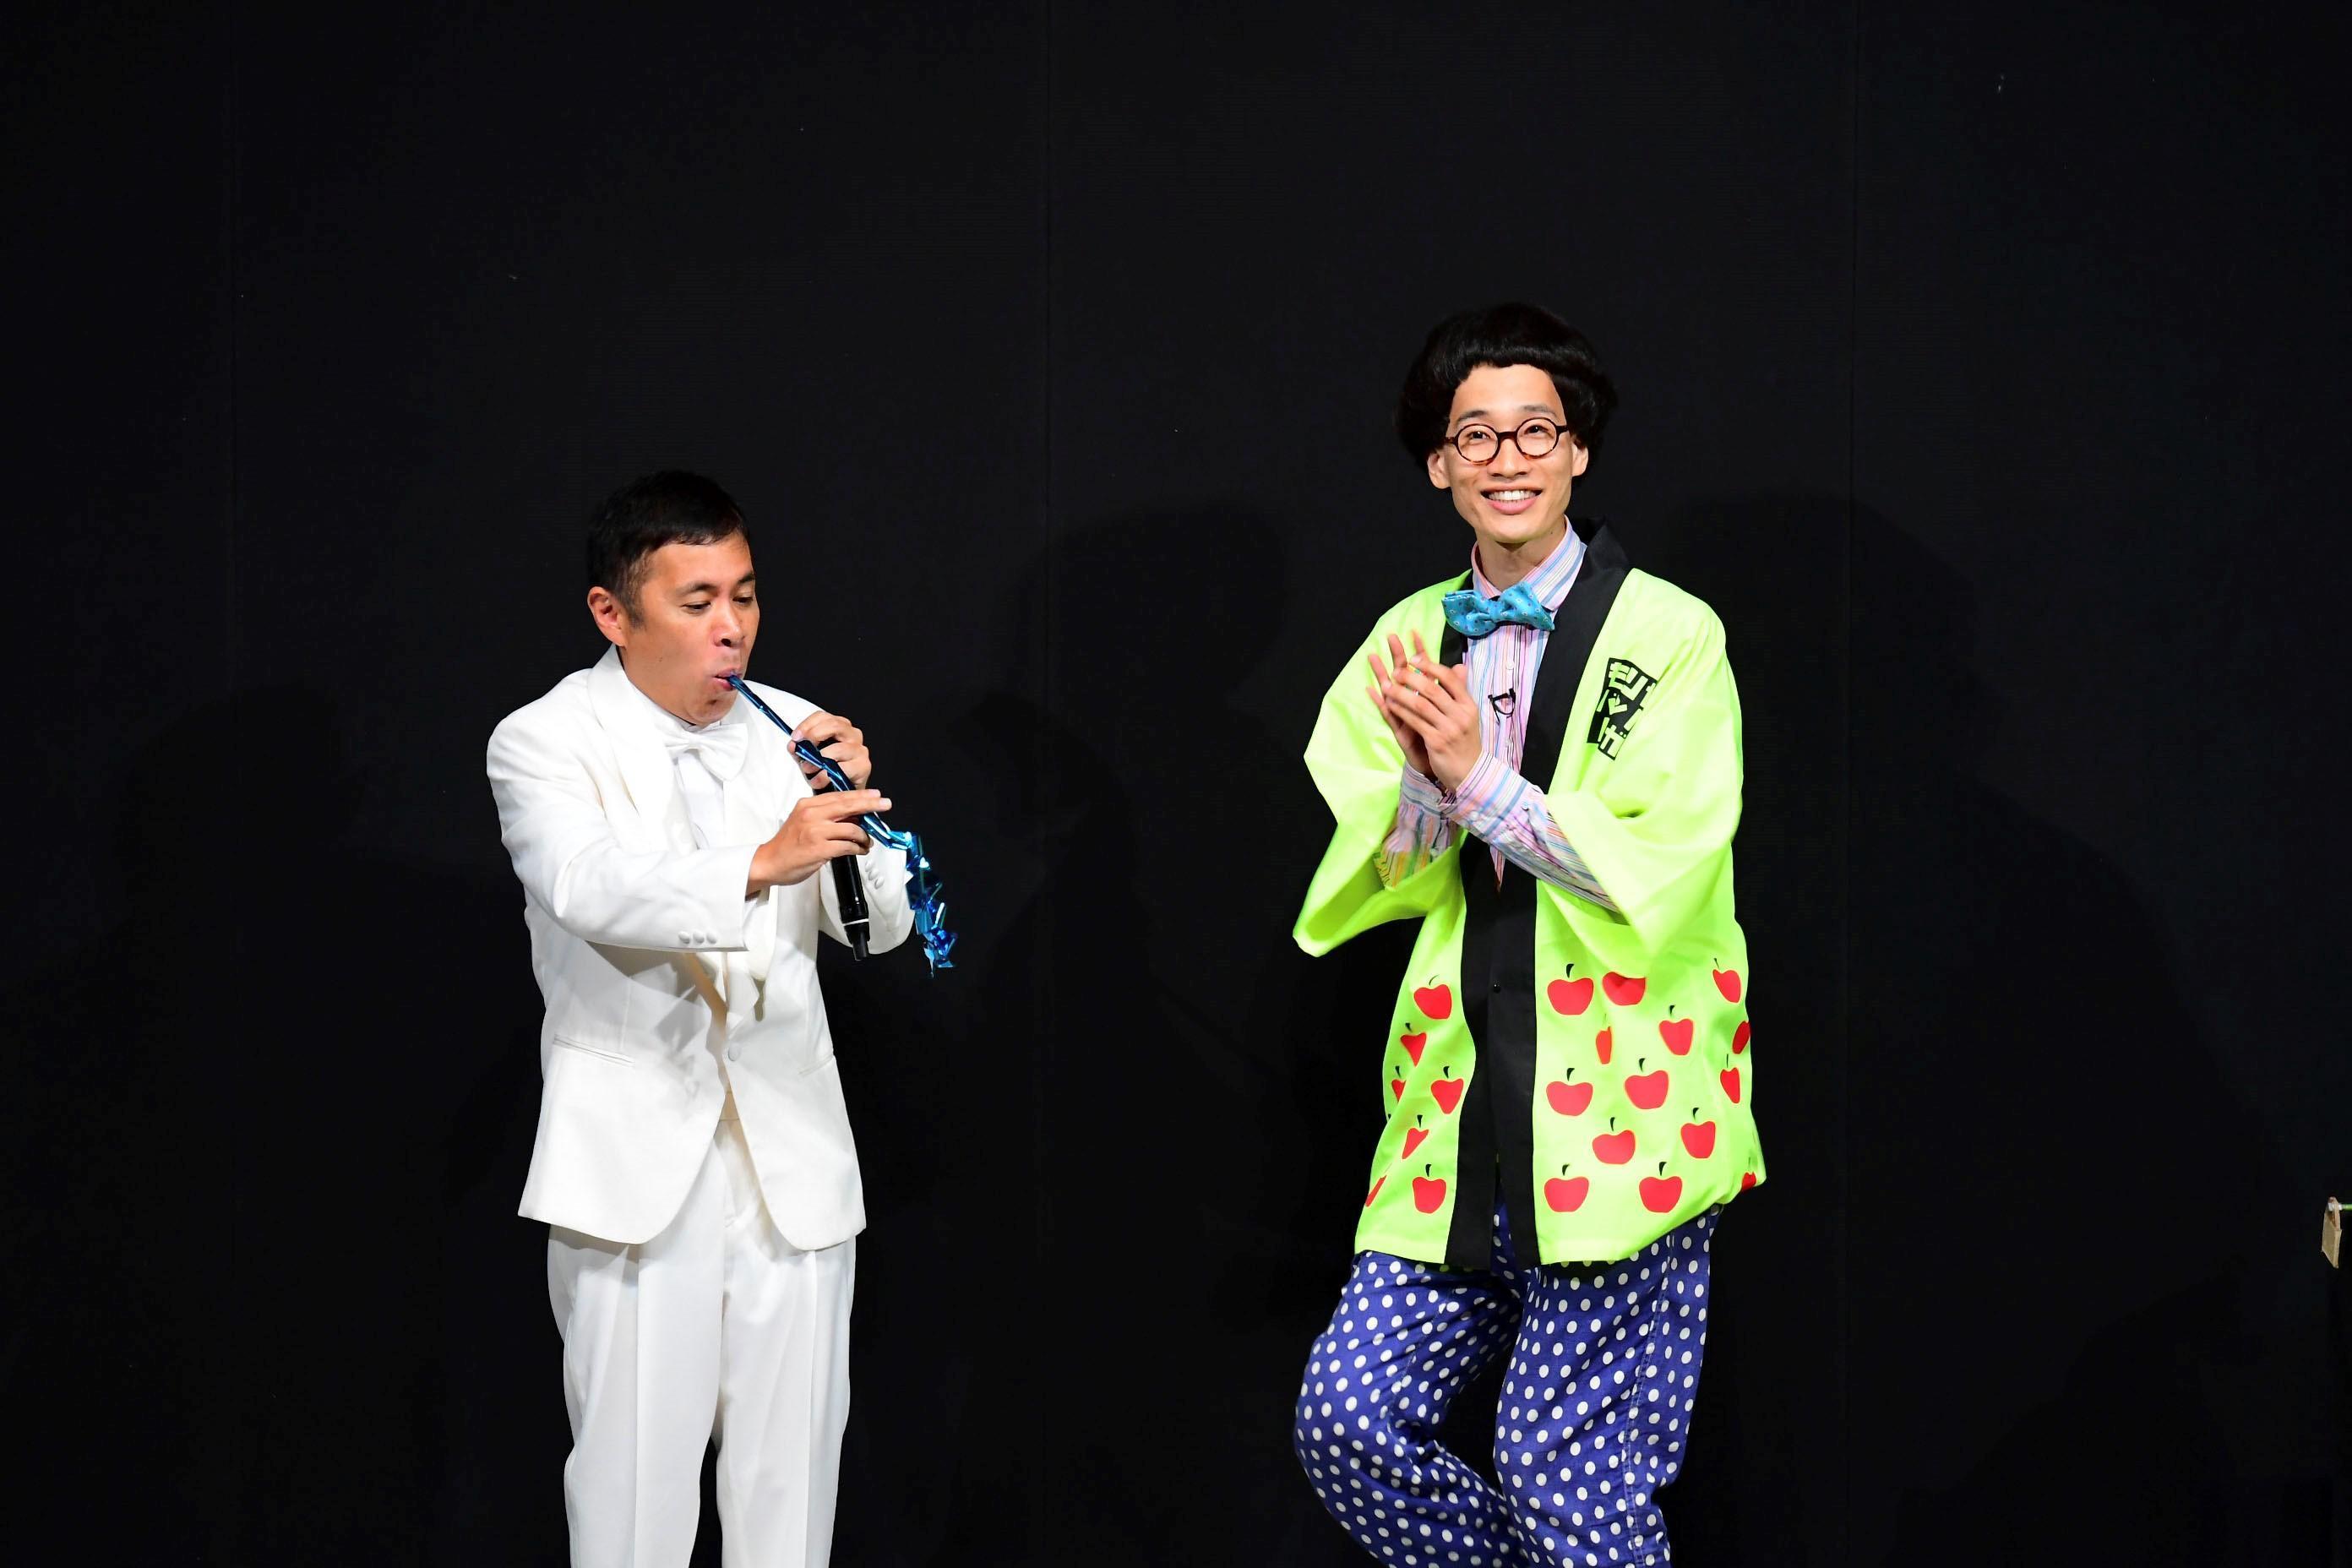 http://news.yoshimoto.co.jp/20170929192432-9f3d830cc0112ceb3f927a44c664bf28492ef180.jpg